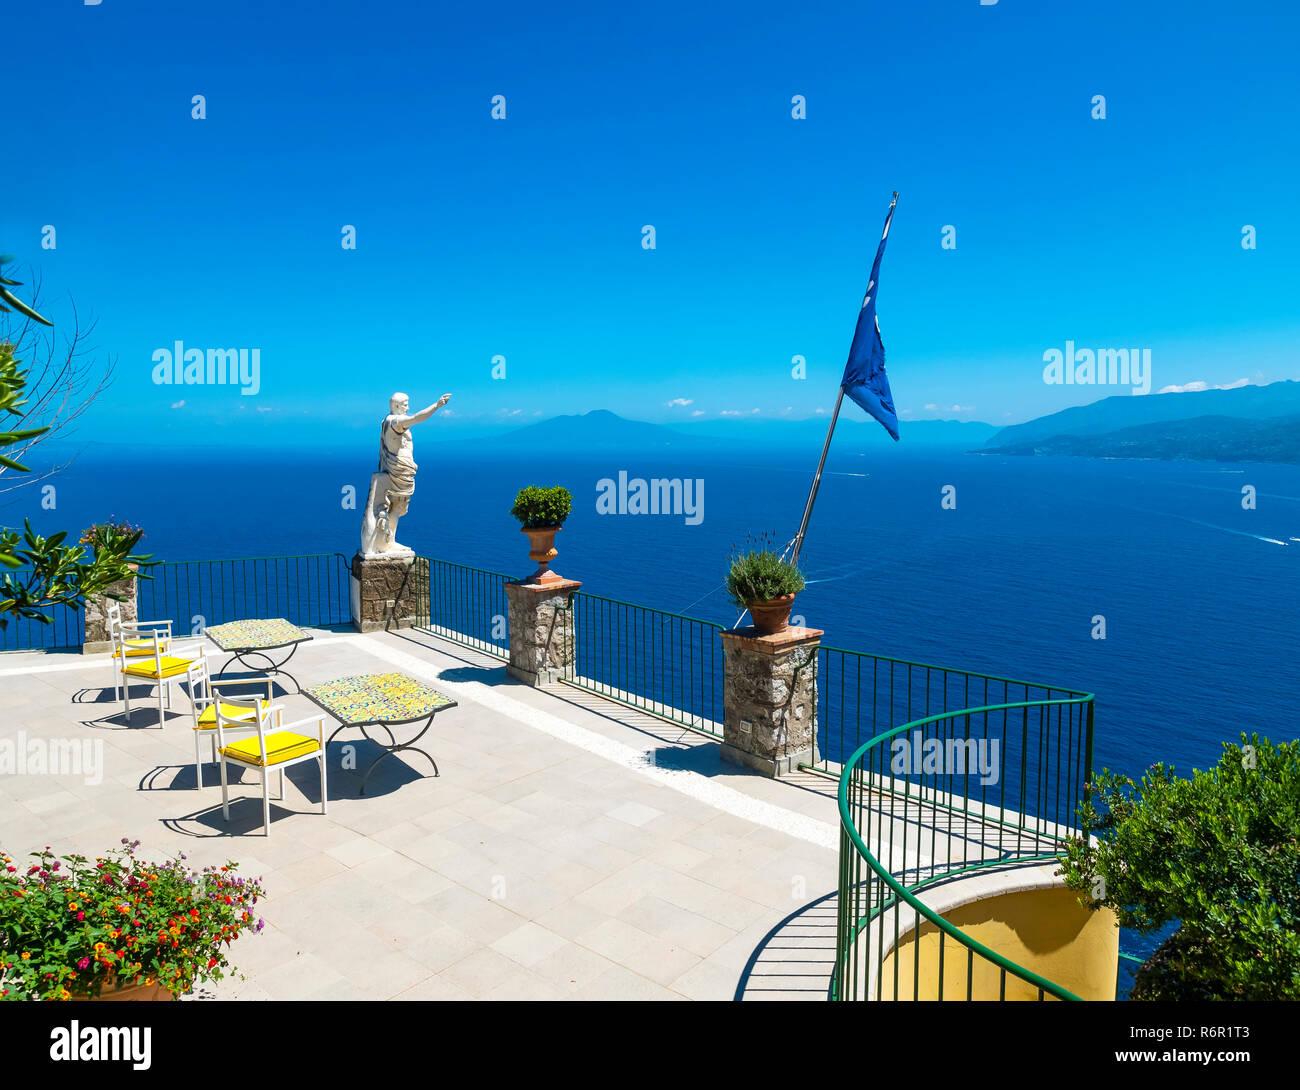 Steilküste, hinten der Vesuv, Capri, Golf von Neapel, Kampanien, Italien - Stock Image